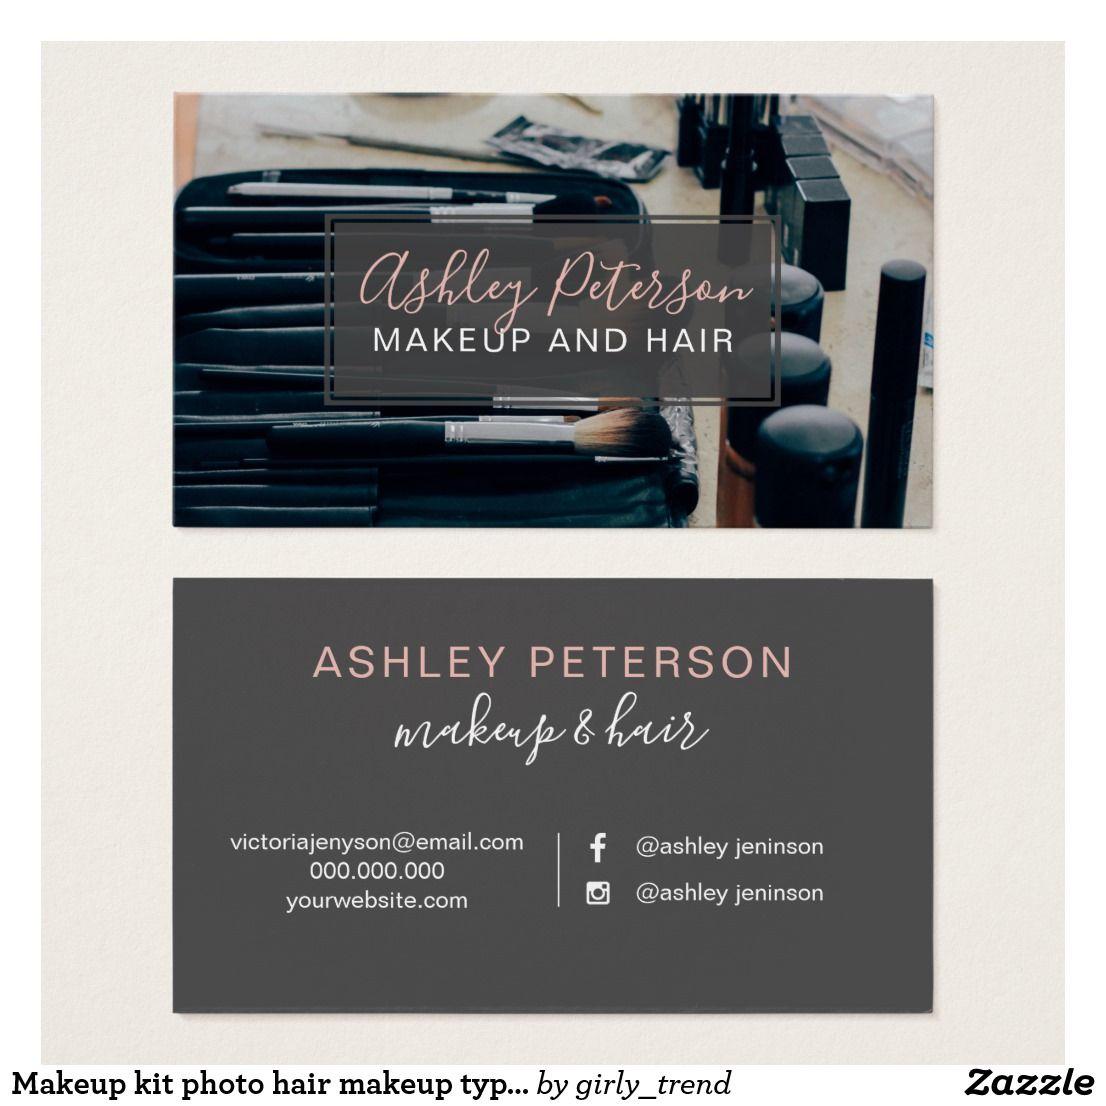 Makeup kit photo hair makeup typography business card   Business ...